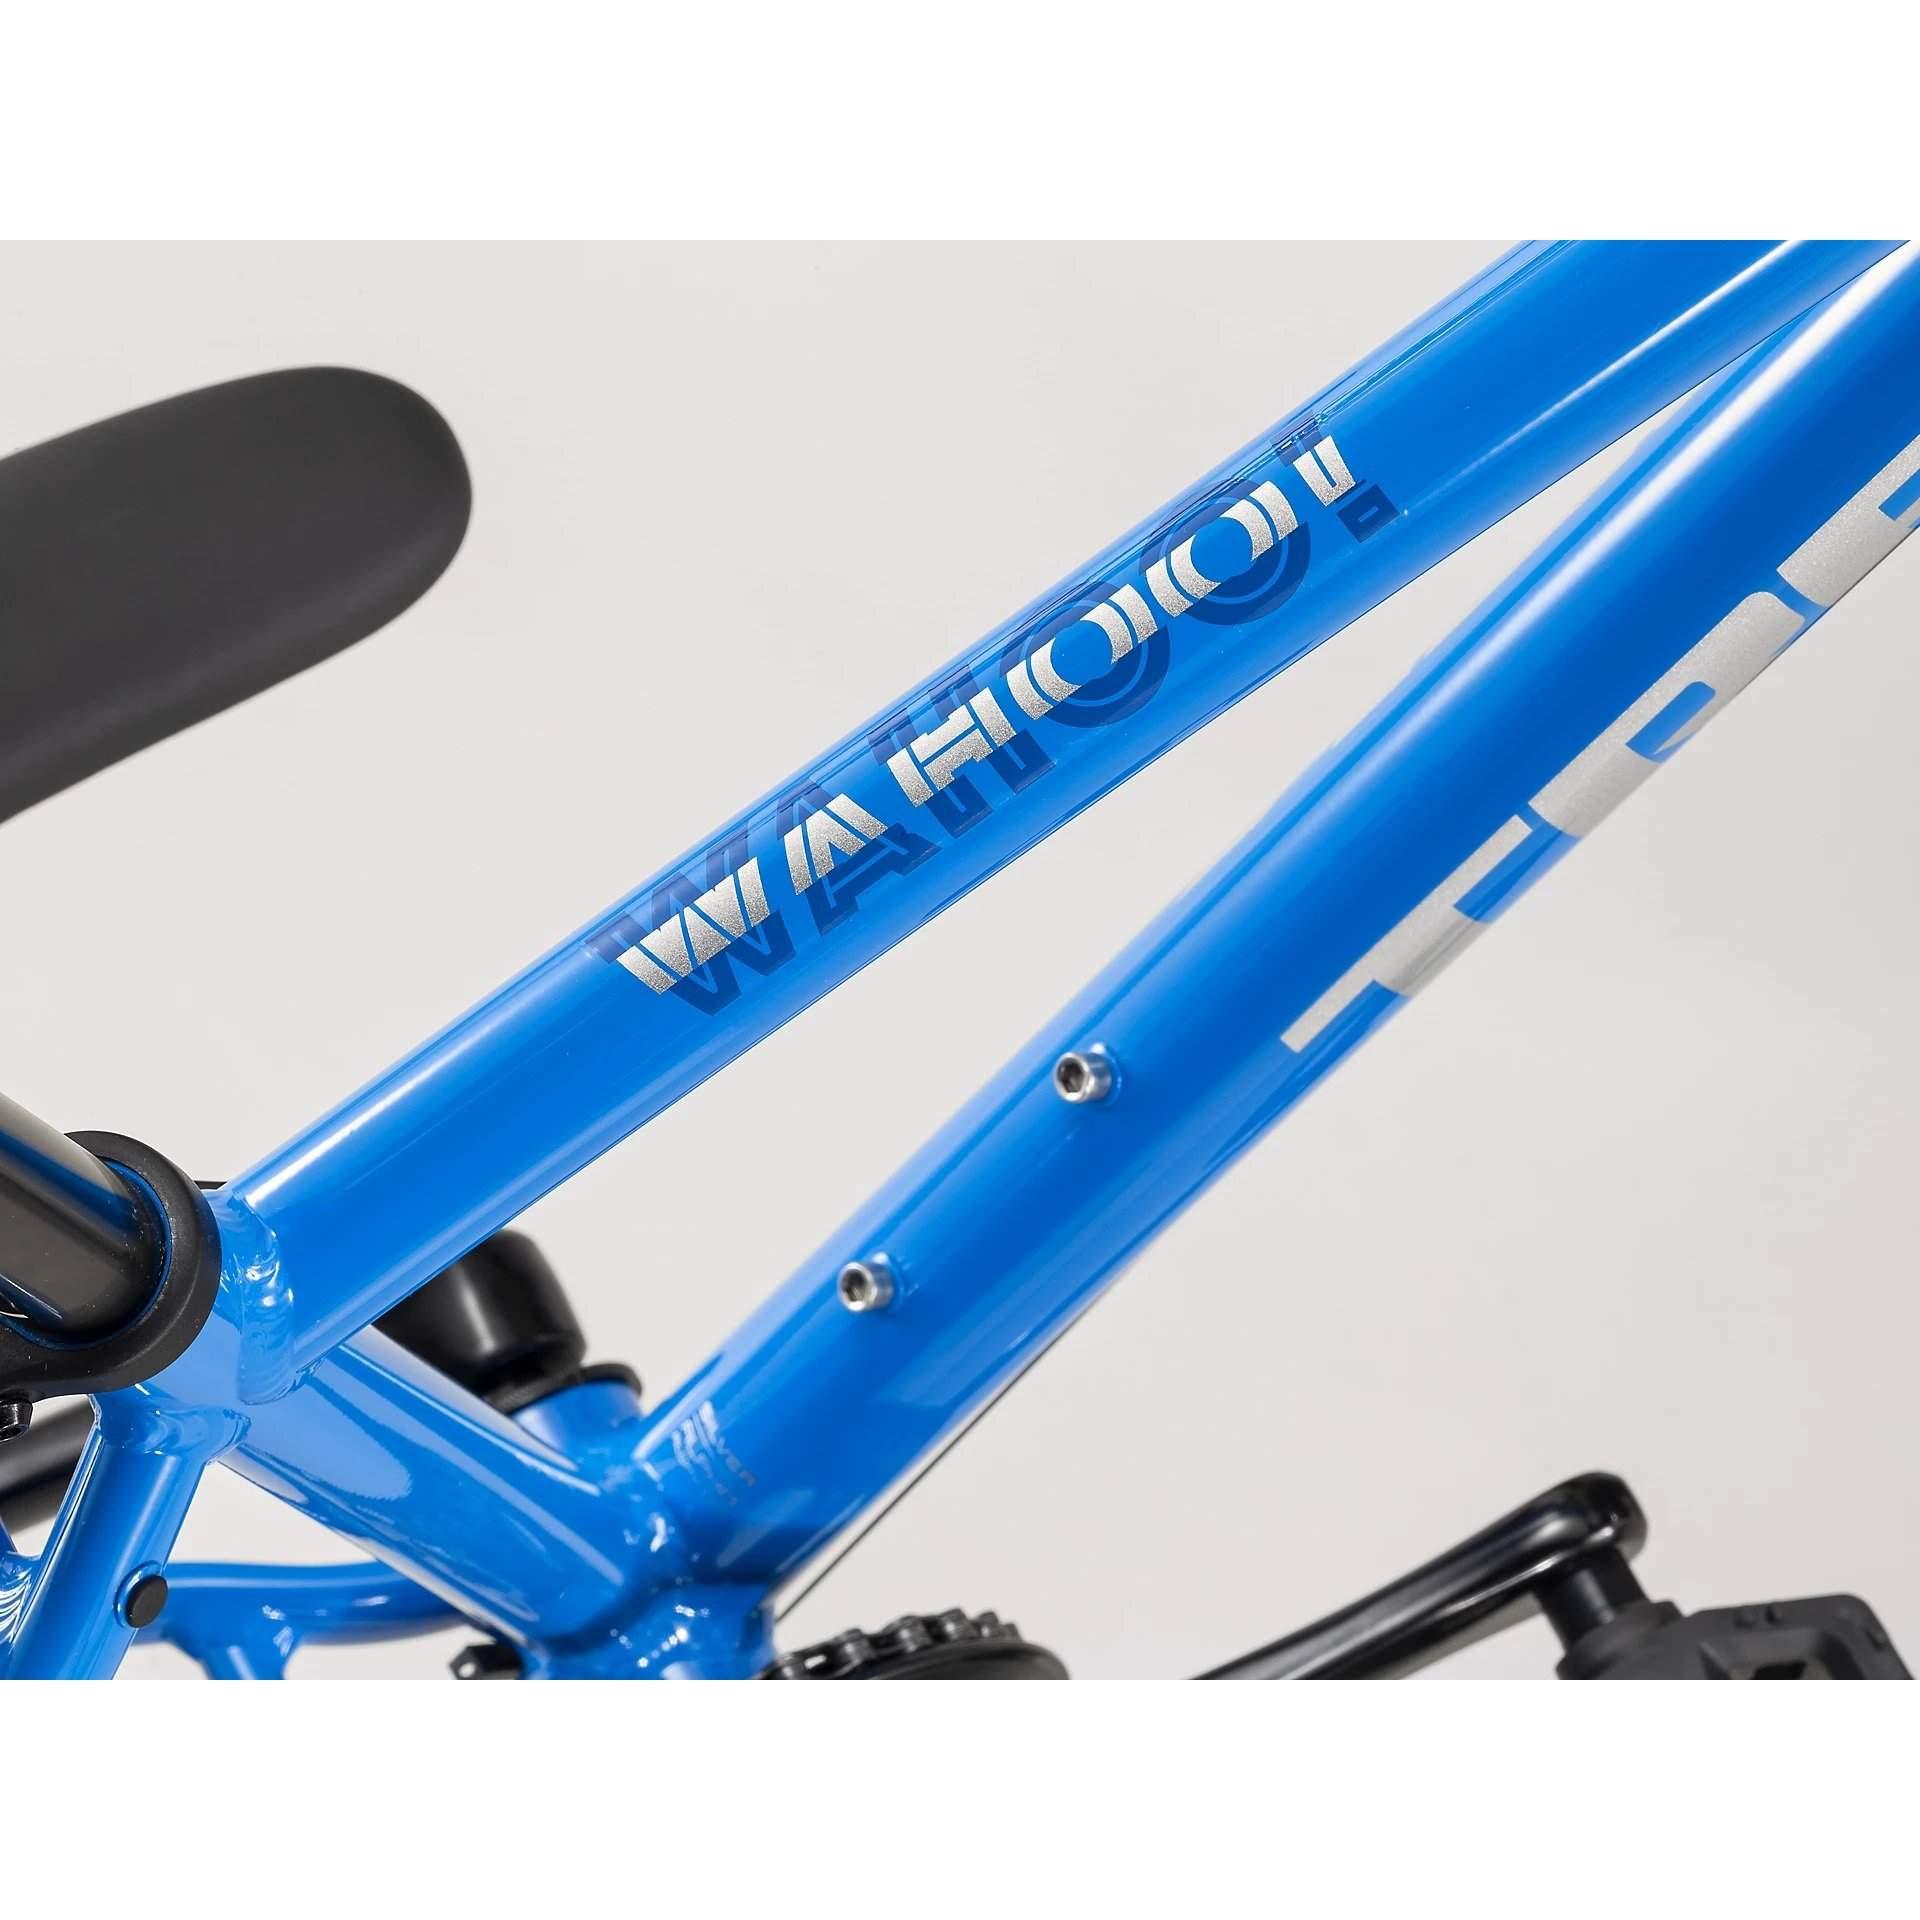 ROWER TREK WAHOO 24 WATERLOO BLUE QUICKSILVER 6